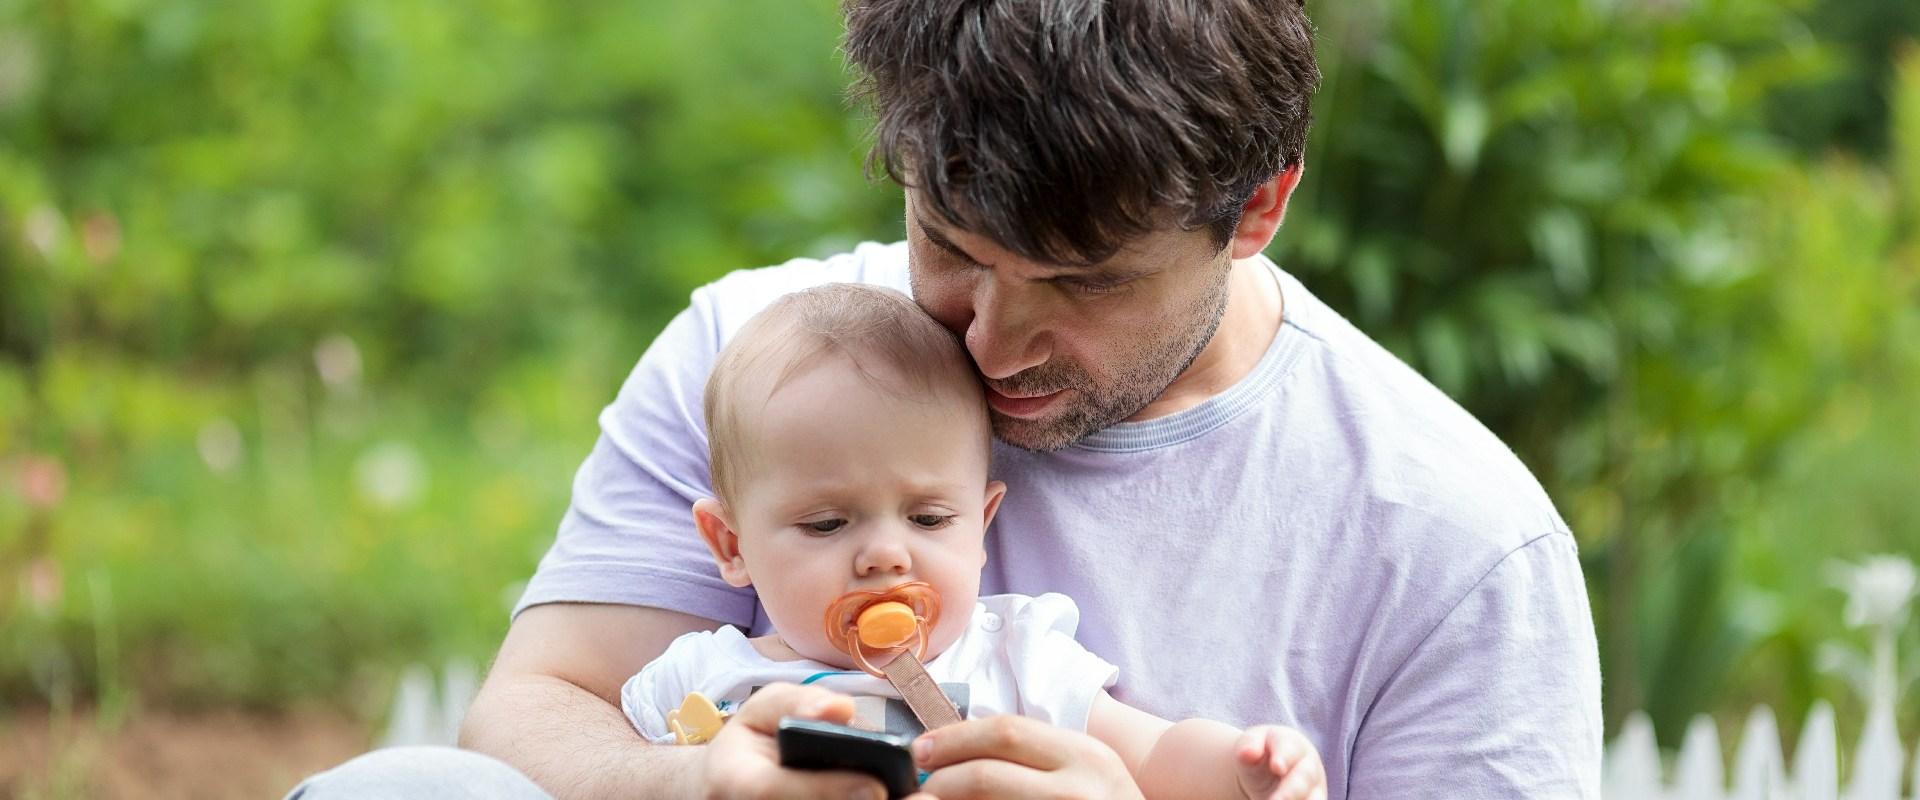 Like a father